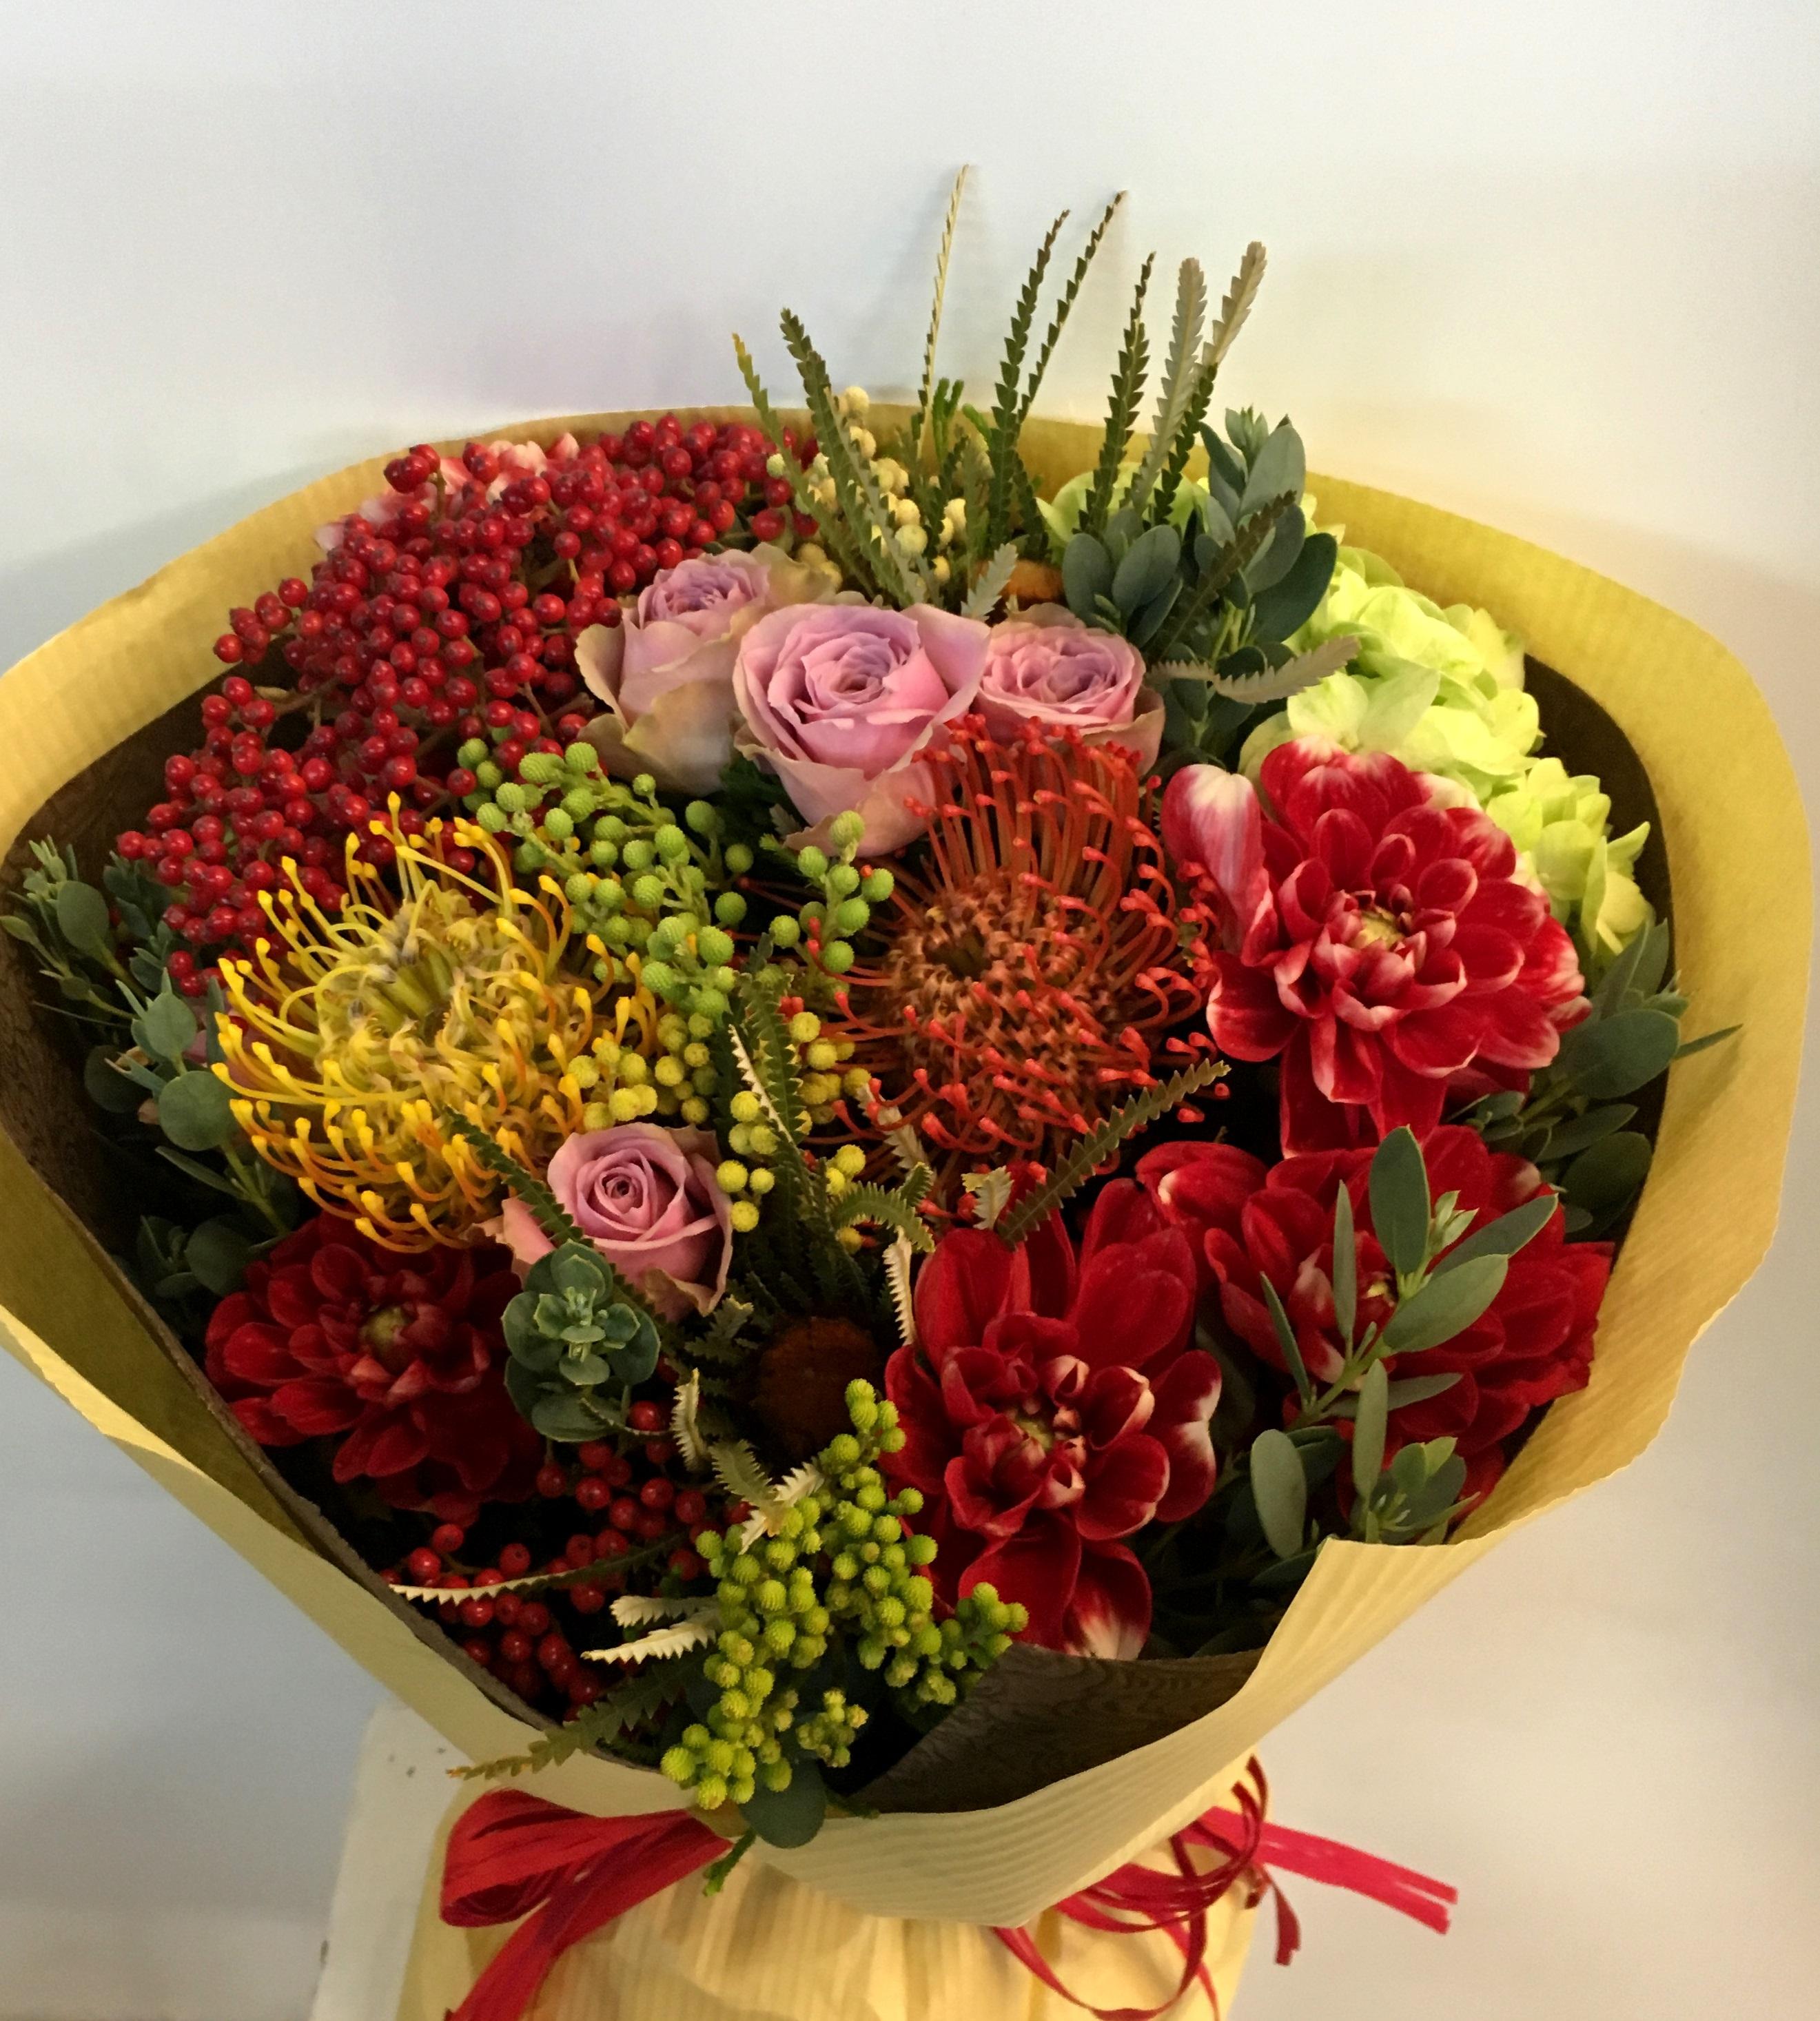 【ナオ花屋の納品事例146】横浜市関内本町の法人企業様へ花束を配達しました!